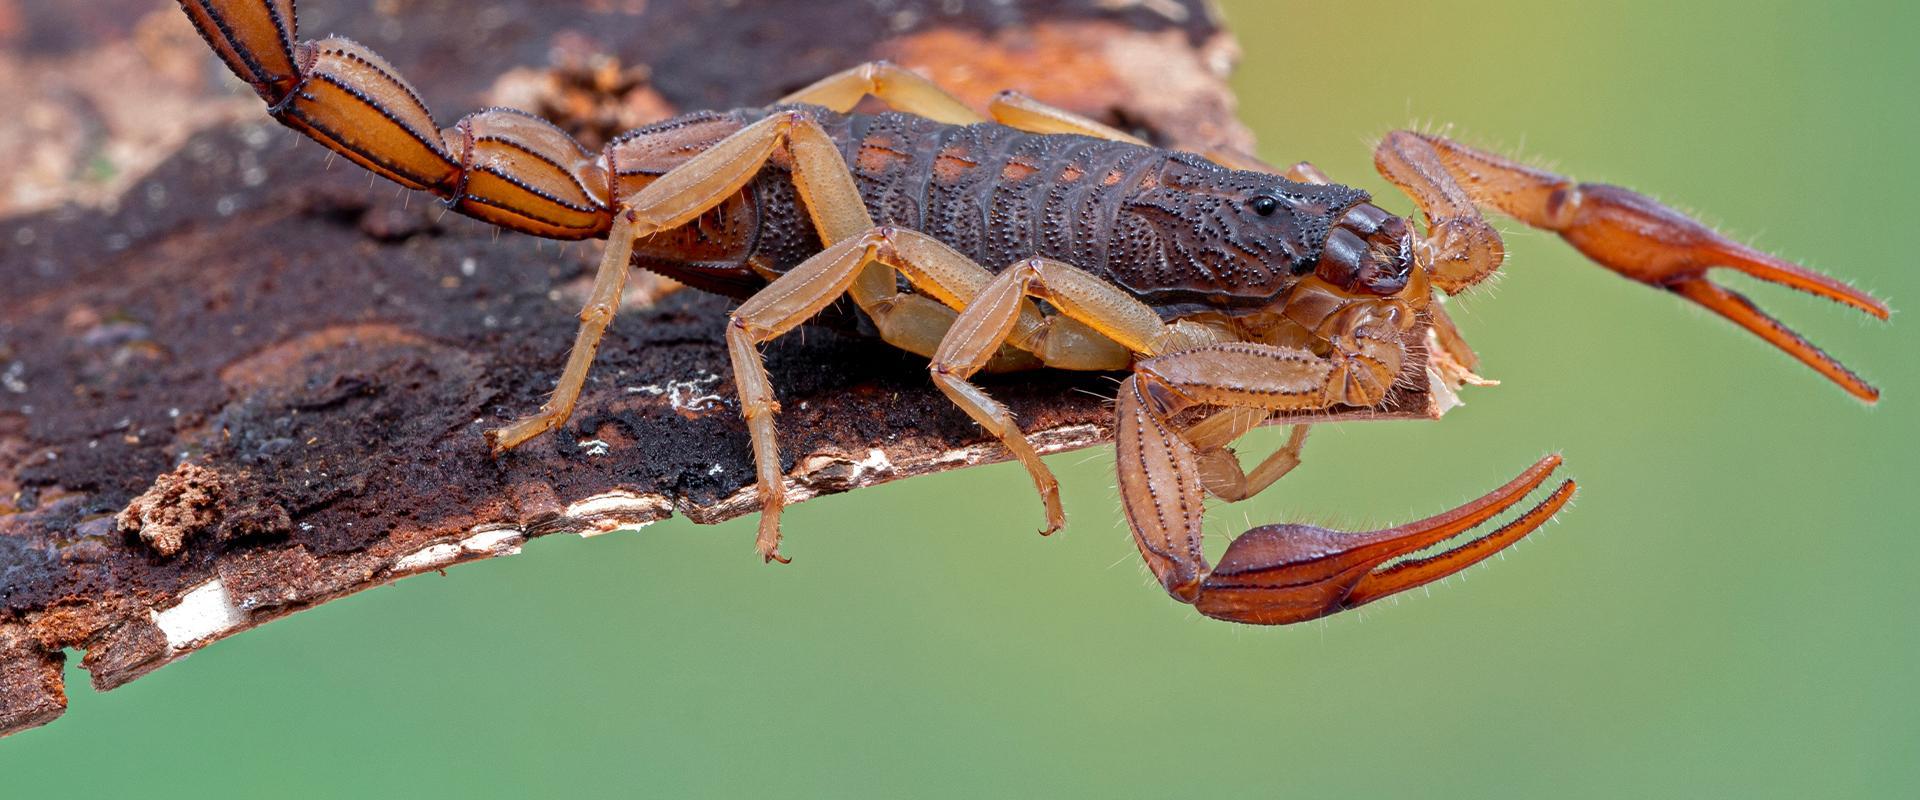 a scorpion on wood in mesa arizona